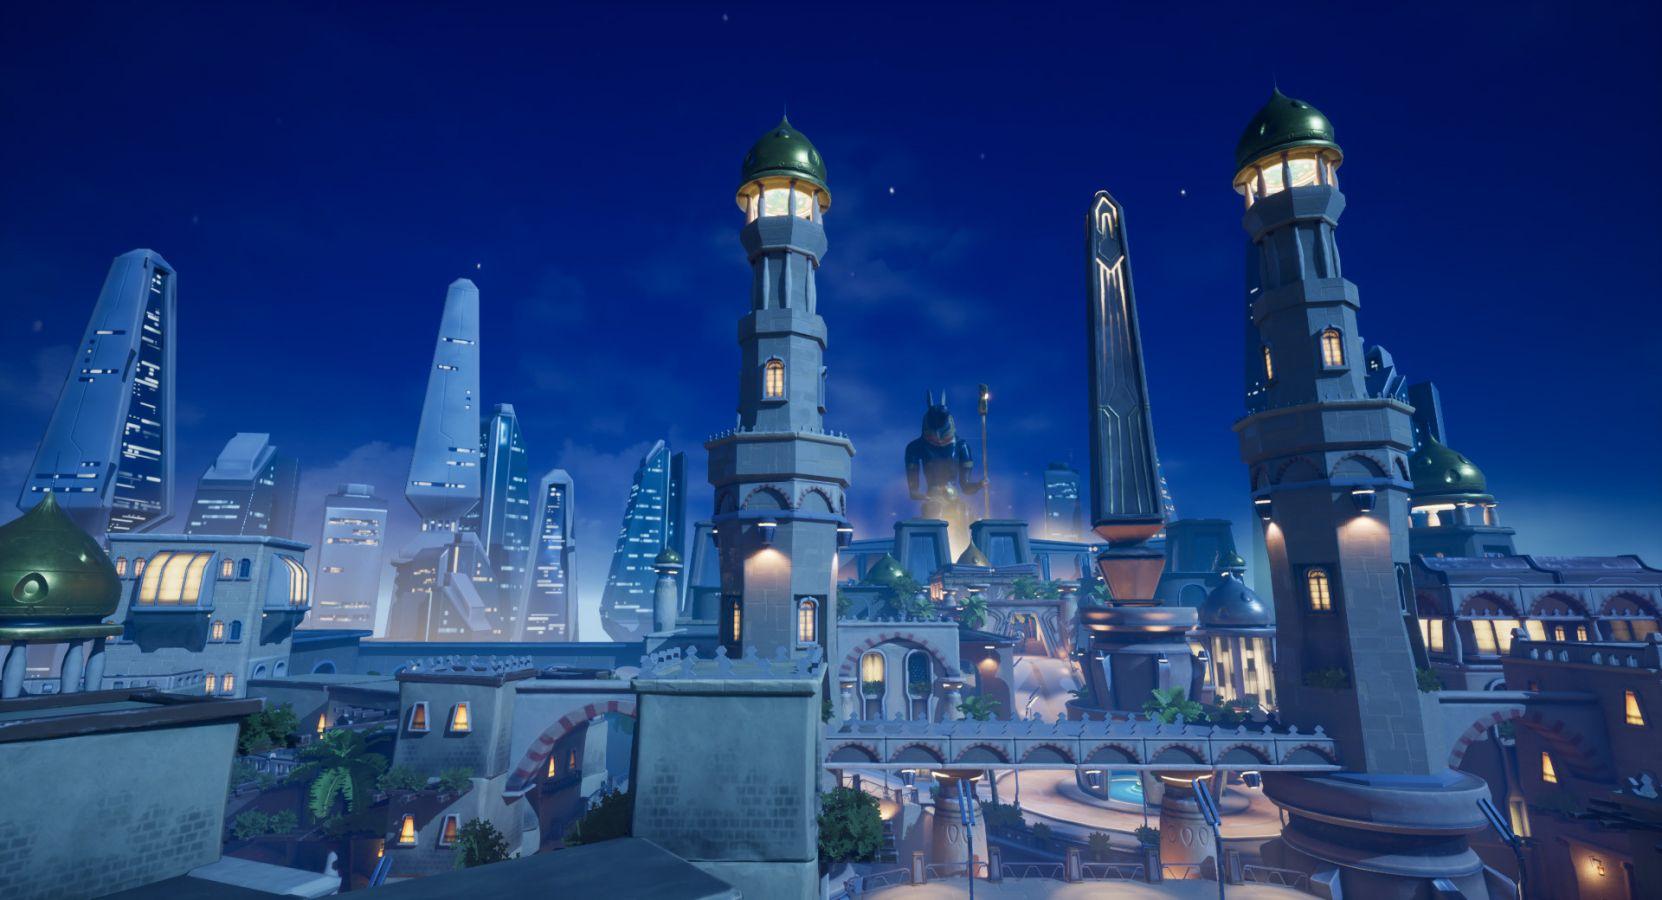 Die von Overwatch inspirierte Kairo Map bringt das antike Kairo in eine futuristische Welt. (Quelle: Joshua Llorente)